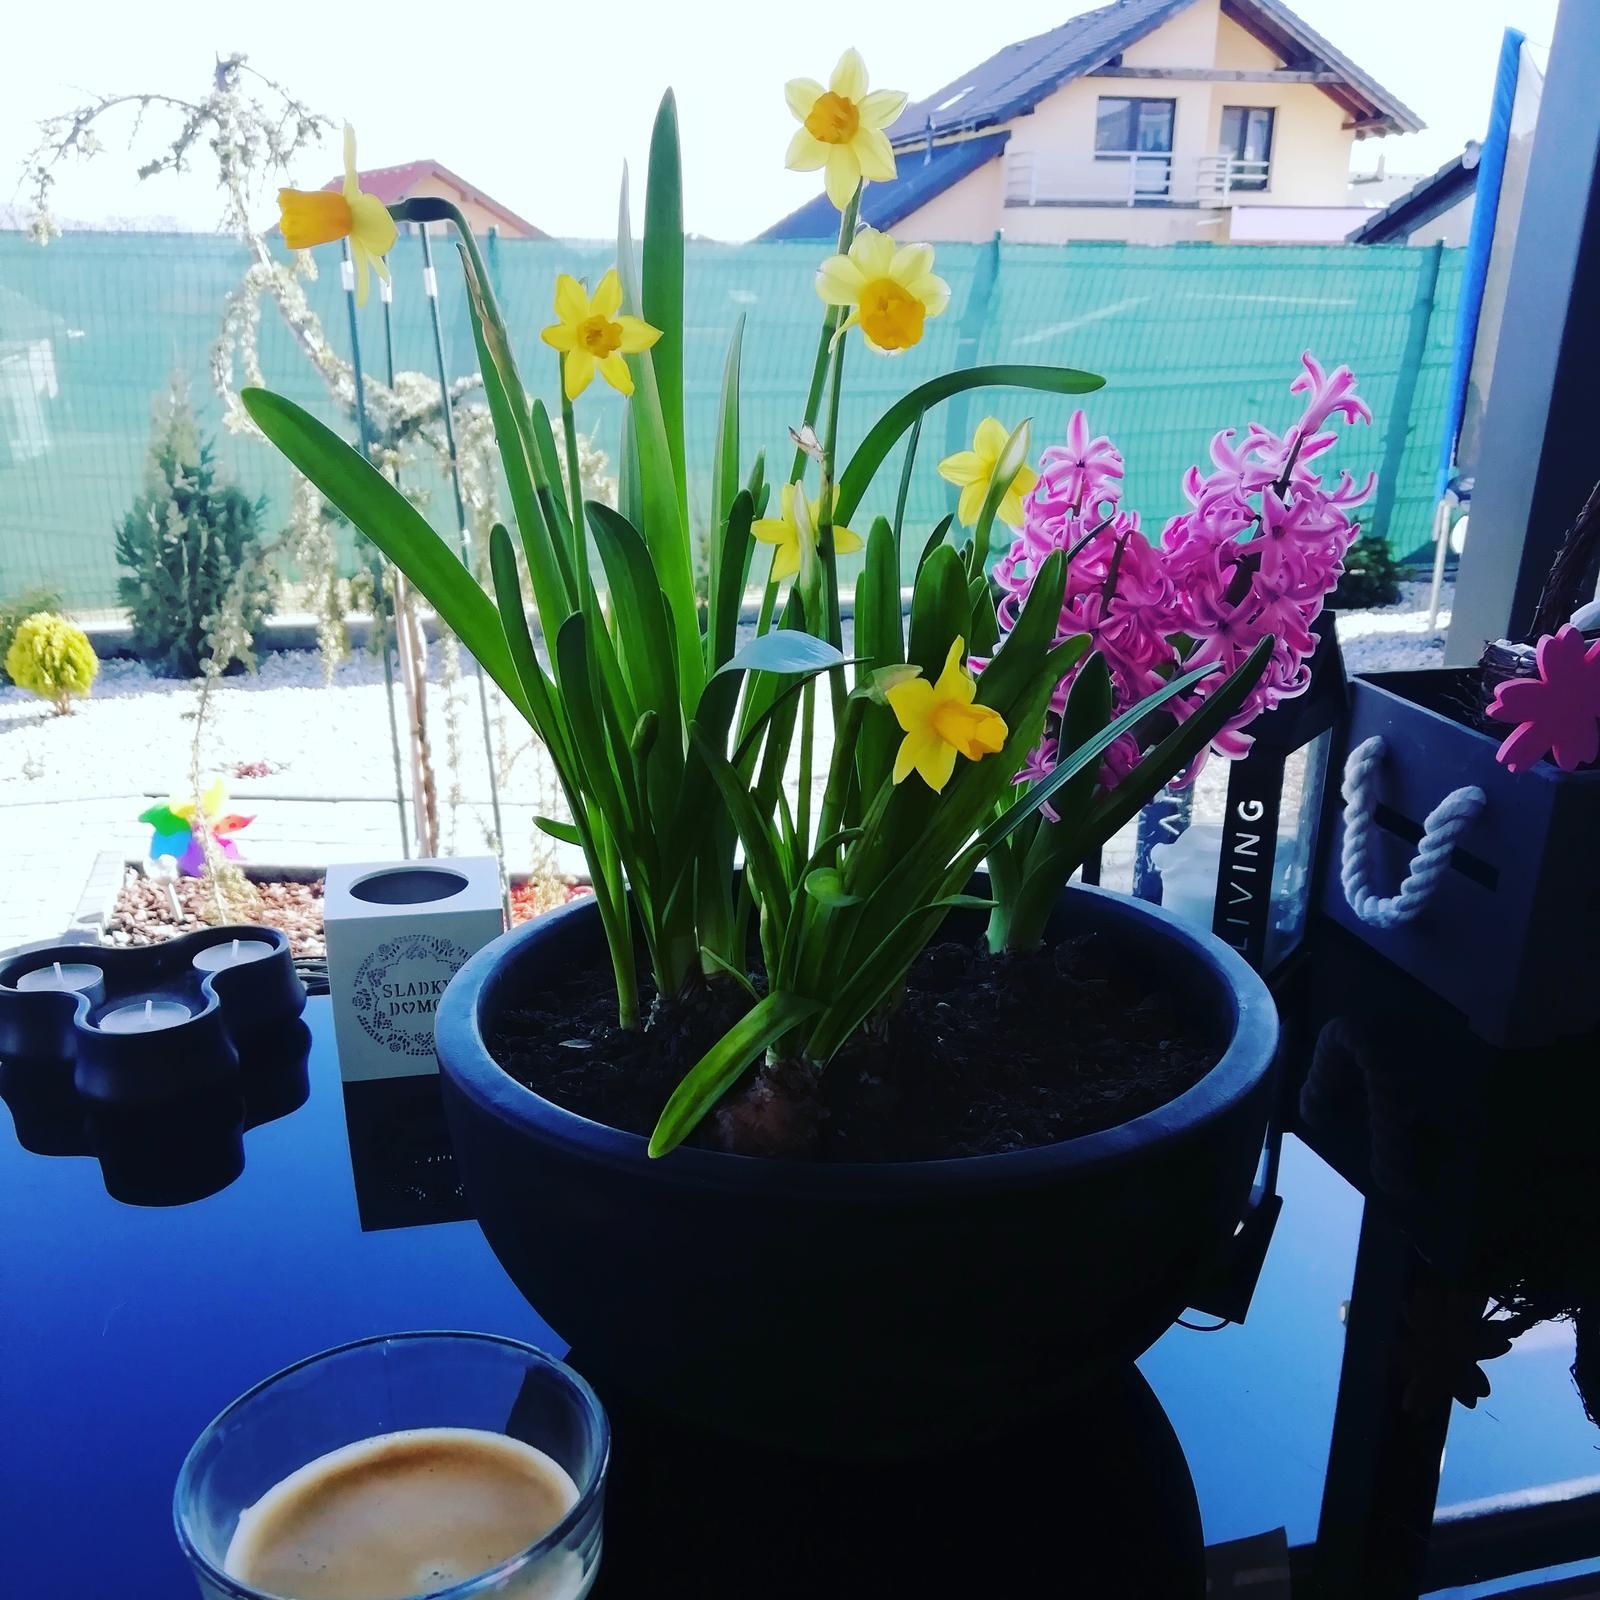 Záhradka 2019/20 bývame 4 a 5 rok :-) - Krásny slnečný deň